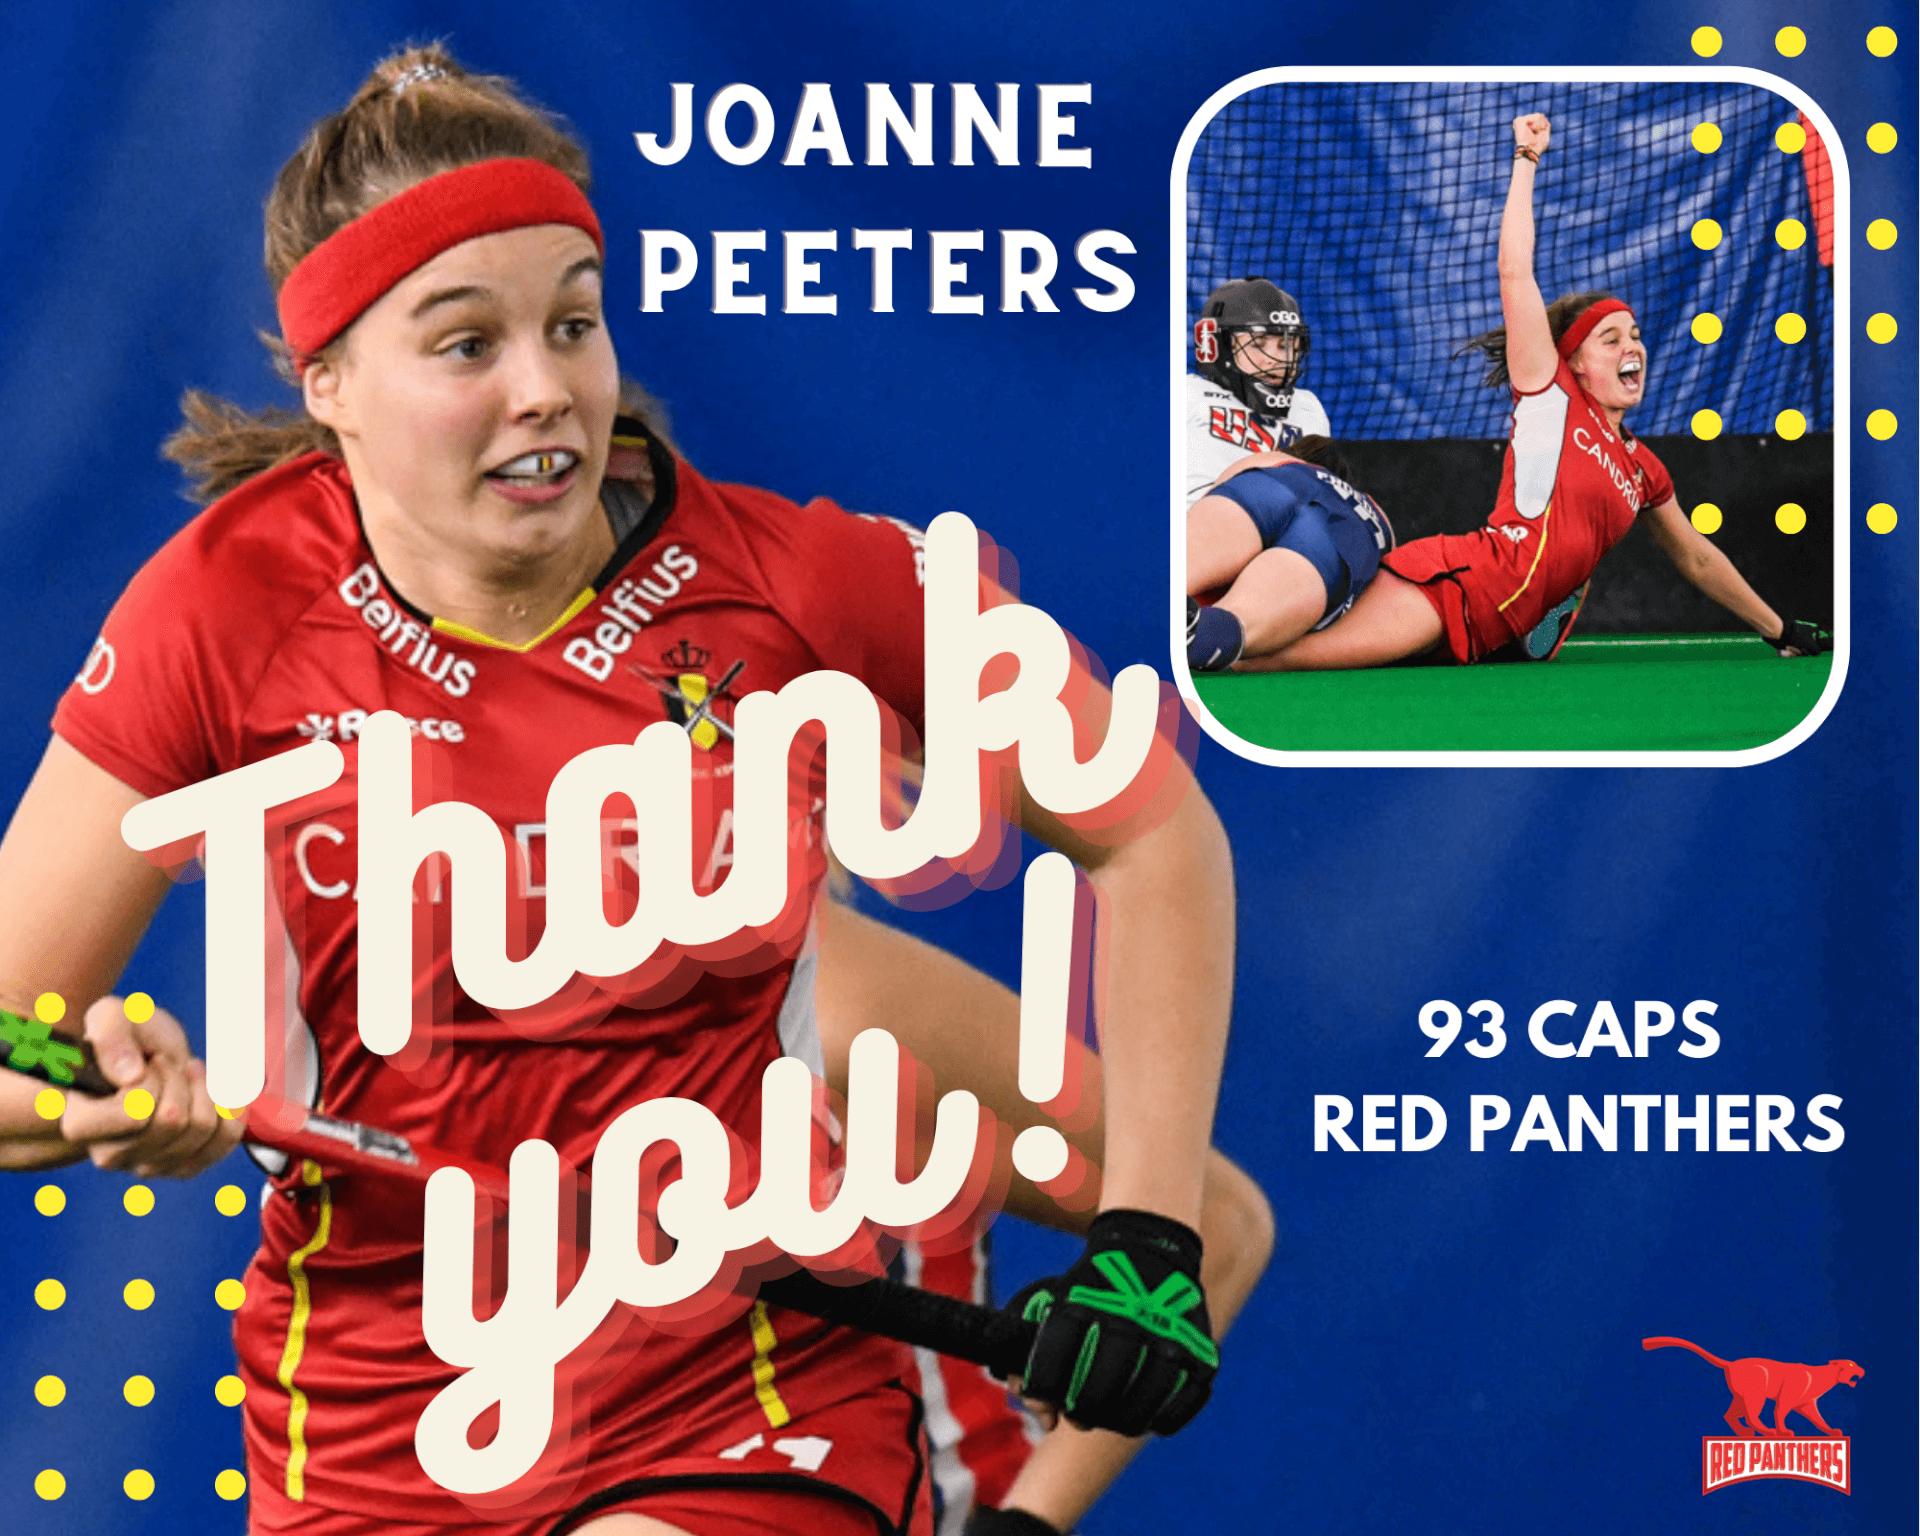 Joanne Peeters